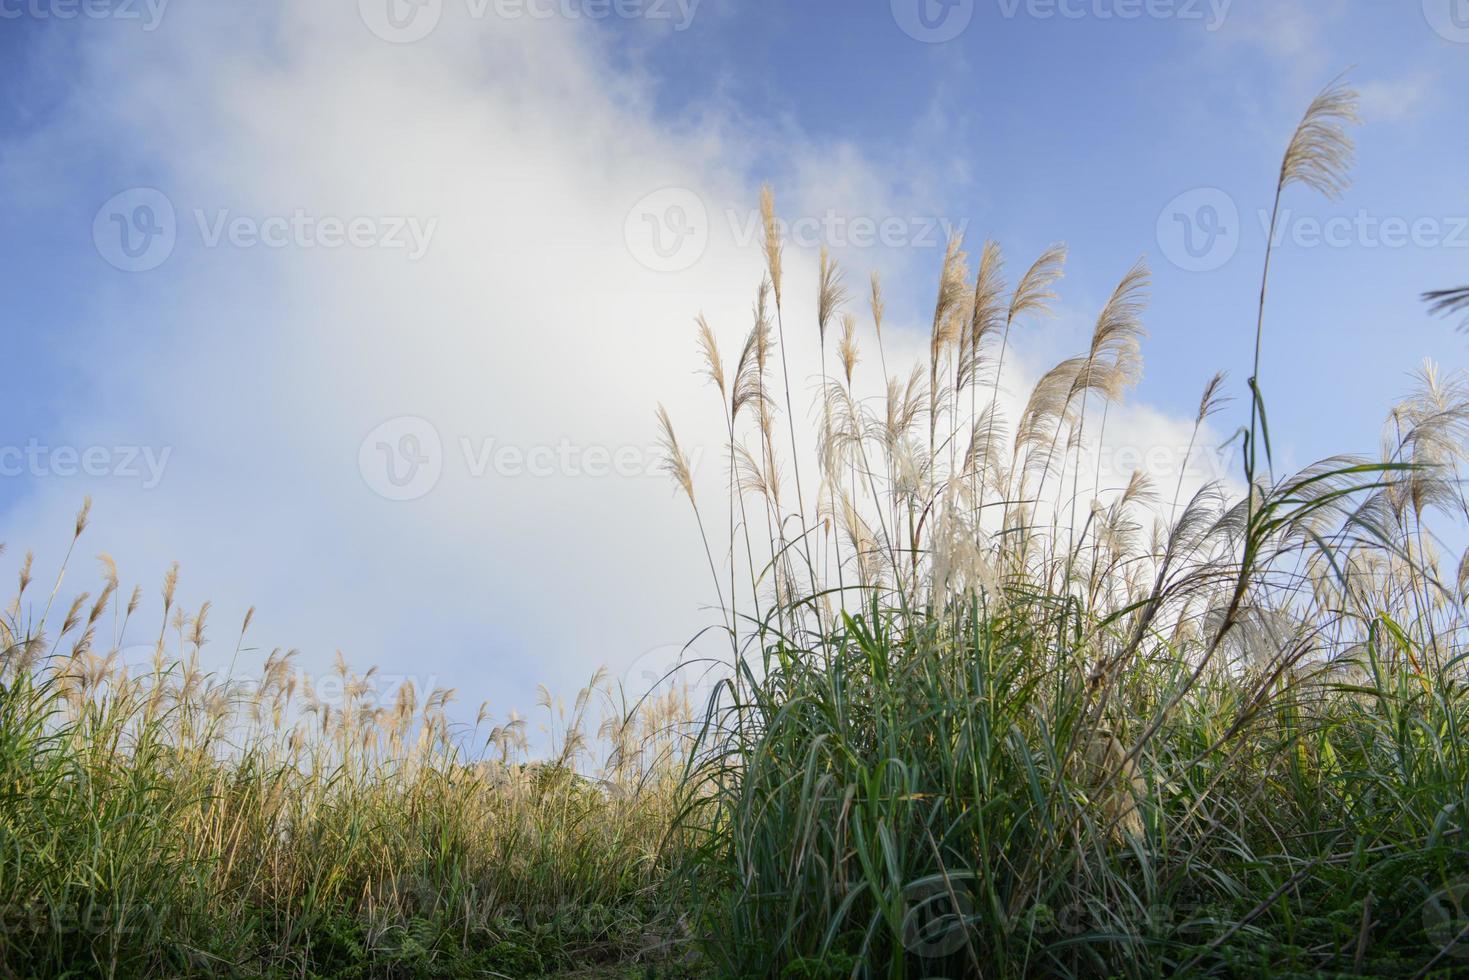 flor de grama contra o céu nublado foto